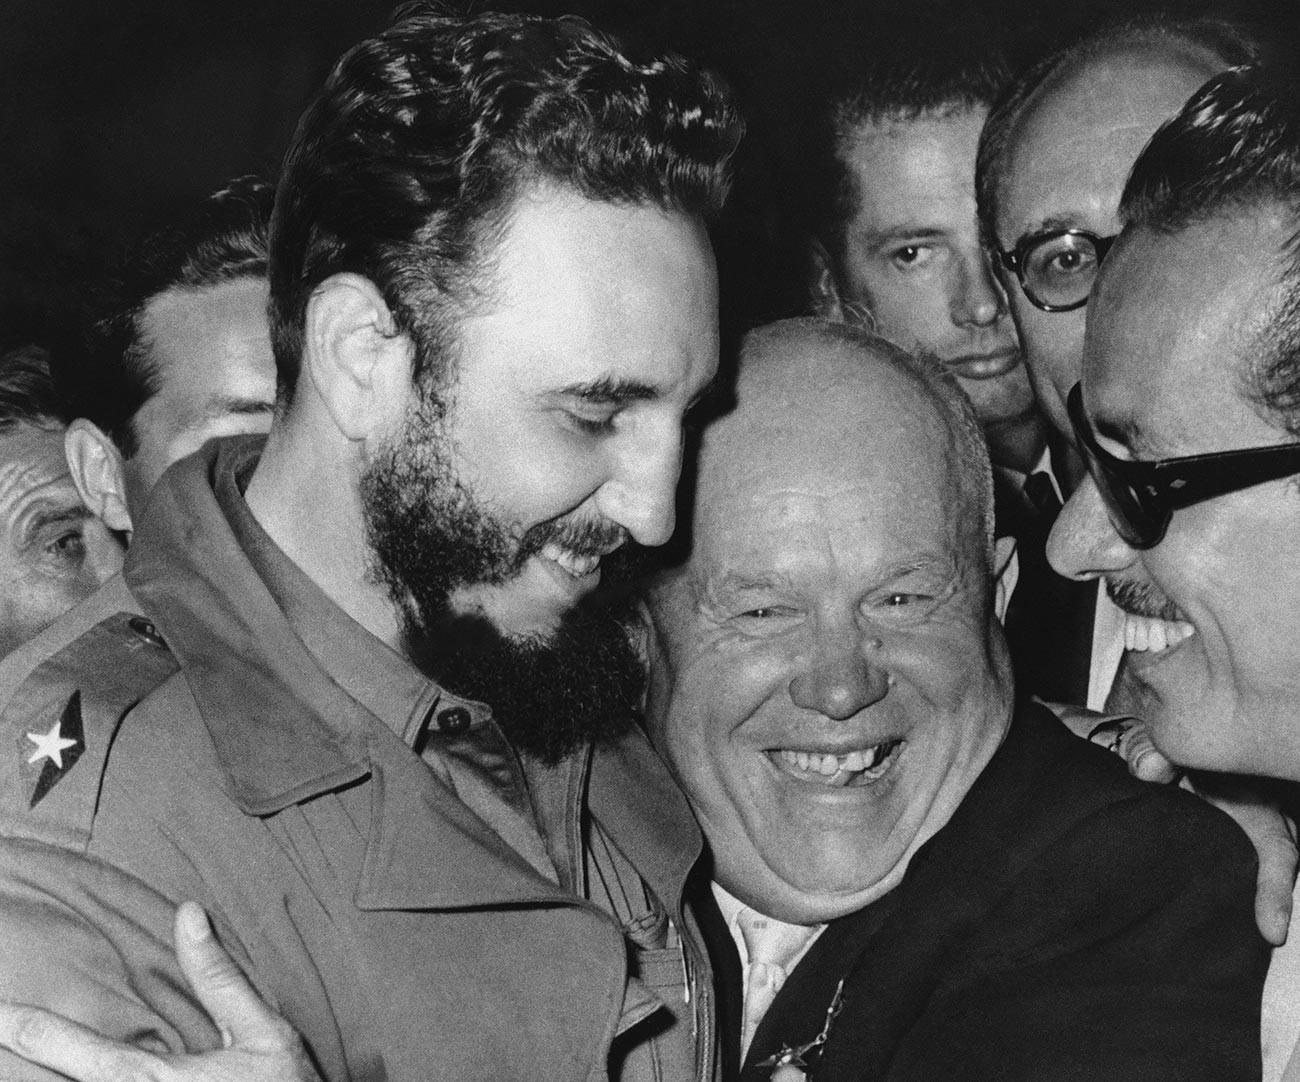 L'URSS avait desrelationschaleureuses avec Cuba et le dirigeant soviétiqueNikitaKhrouchtchev avait desrelationsencore plus chaleureuses avec Fidel Castro.